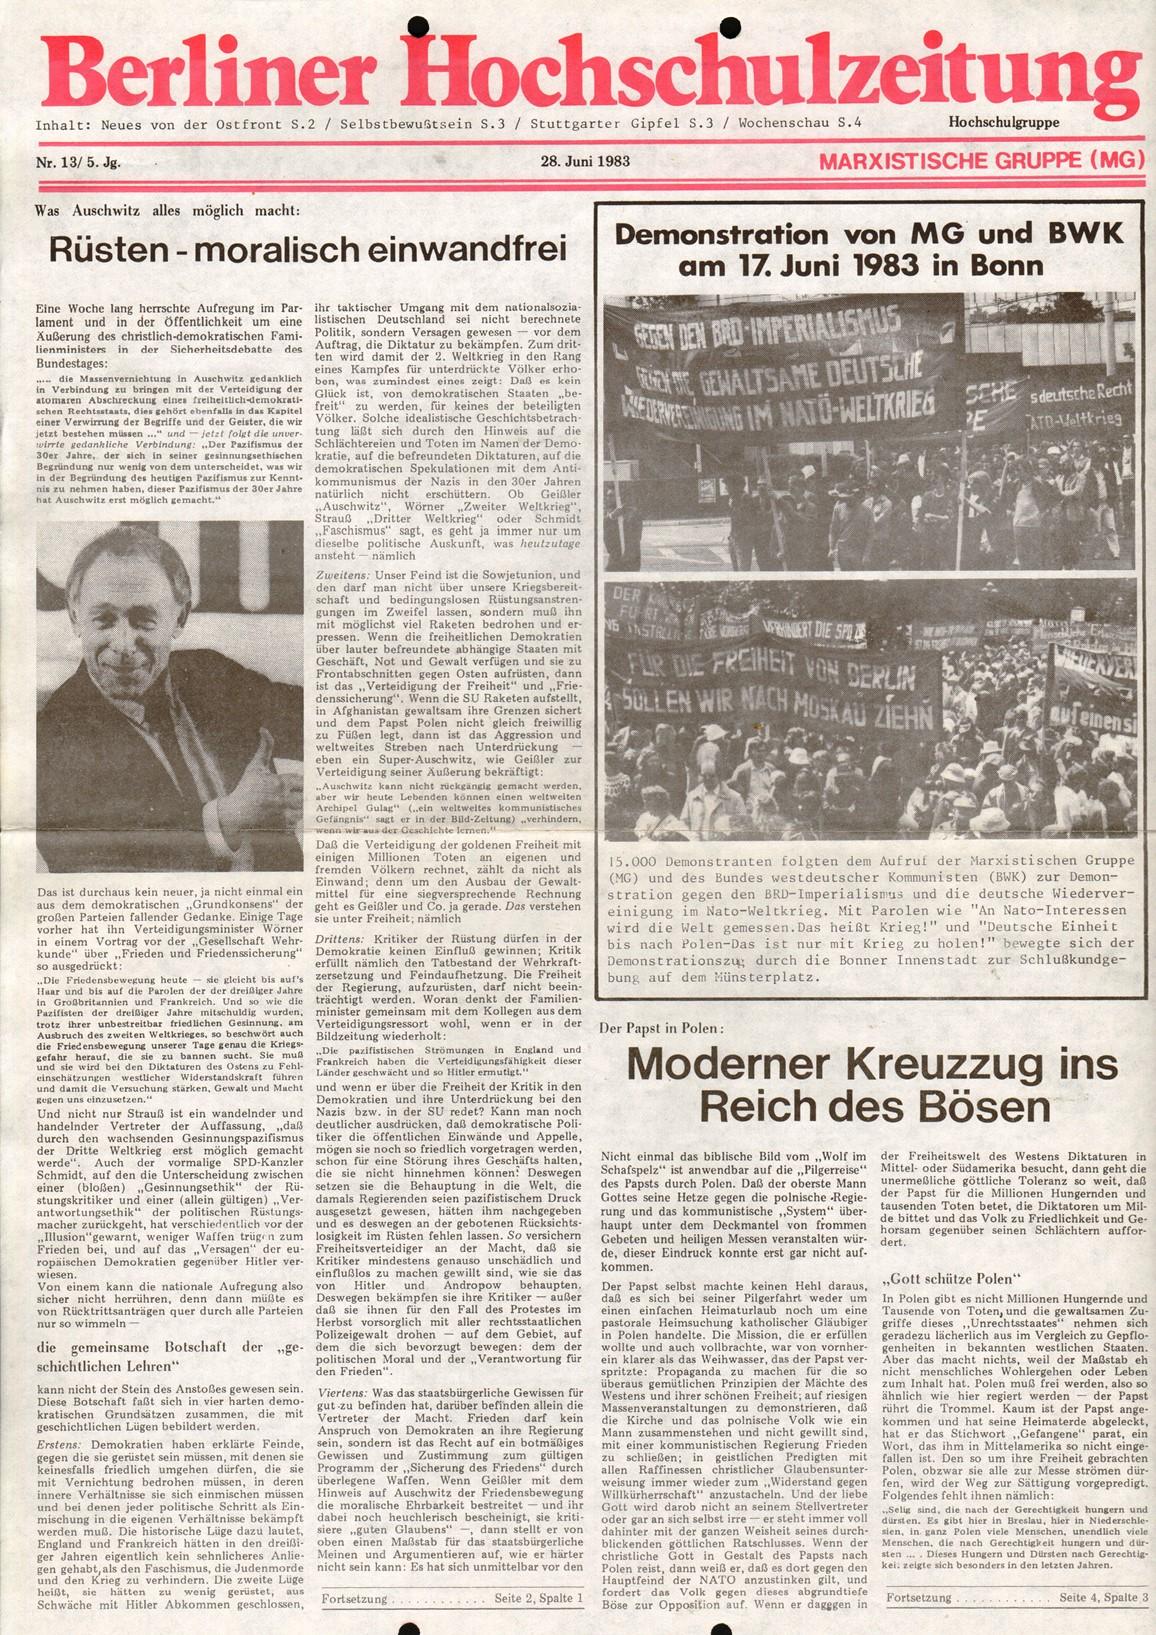 Berlin_MG_Hochschulzeitung_19830628_01